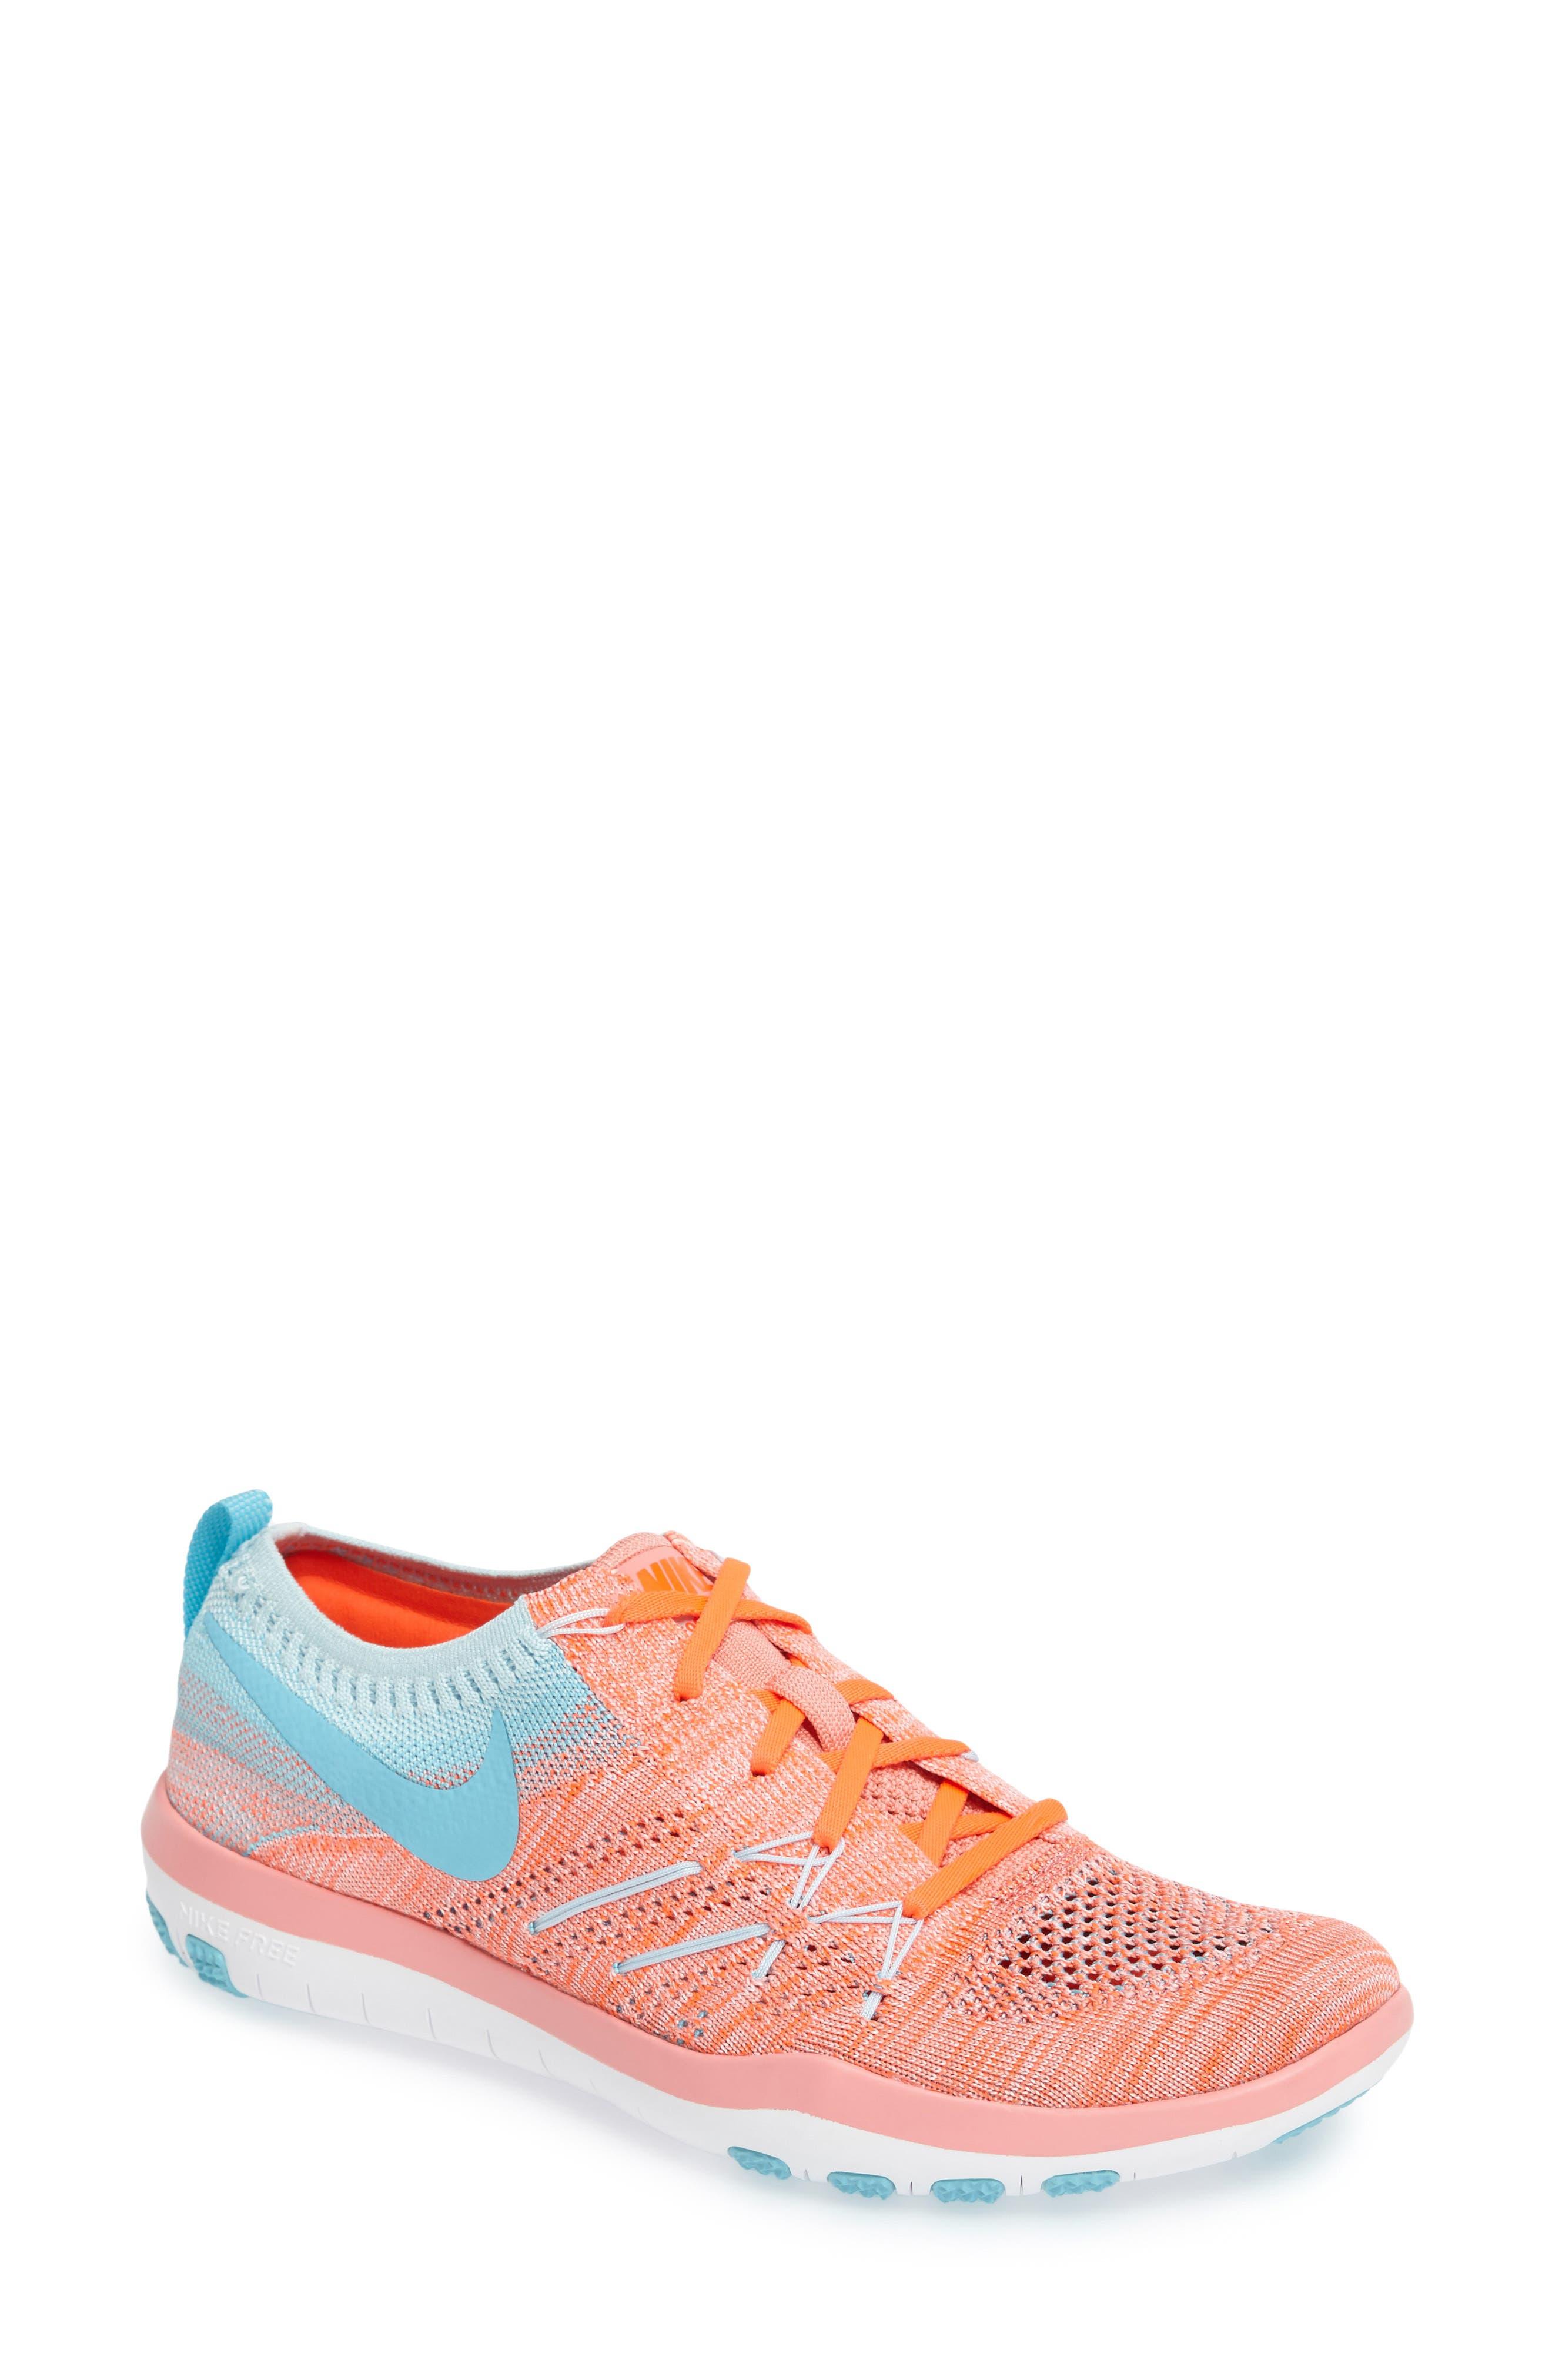 Nike Ajustement Sans Tr 2 - Des Femmes De Combinaison Blanche